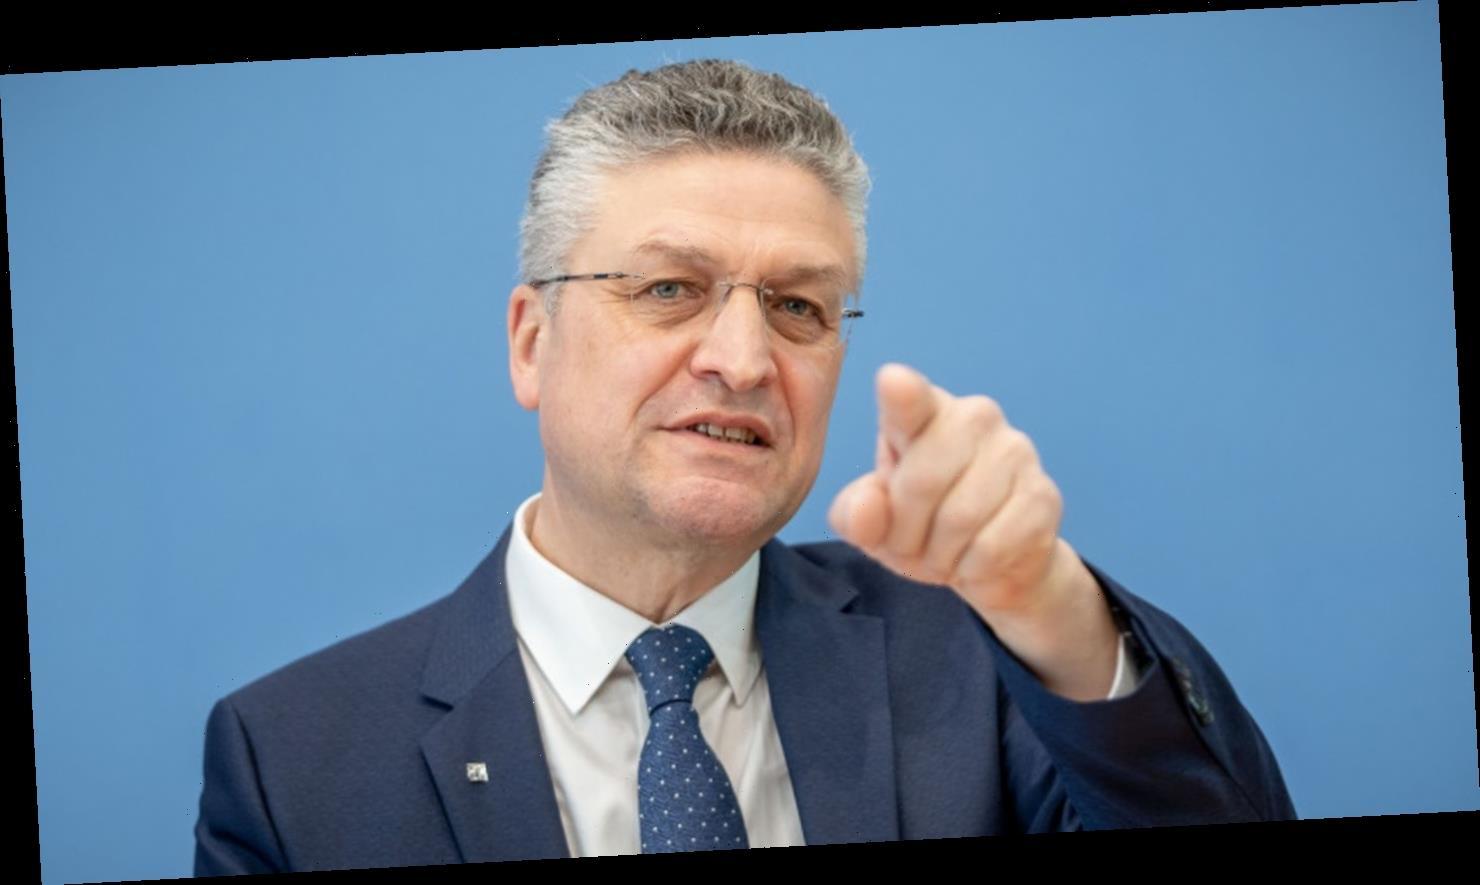 """""""Wir müssen jetzt handeln"""": RKI-Präsident Wieler appelliert eindringlich an die Verantwortlichen"""